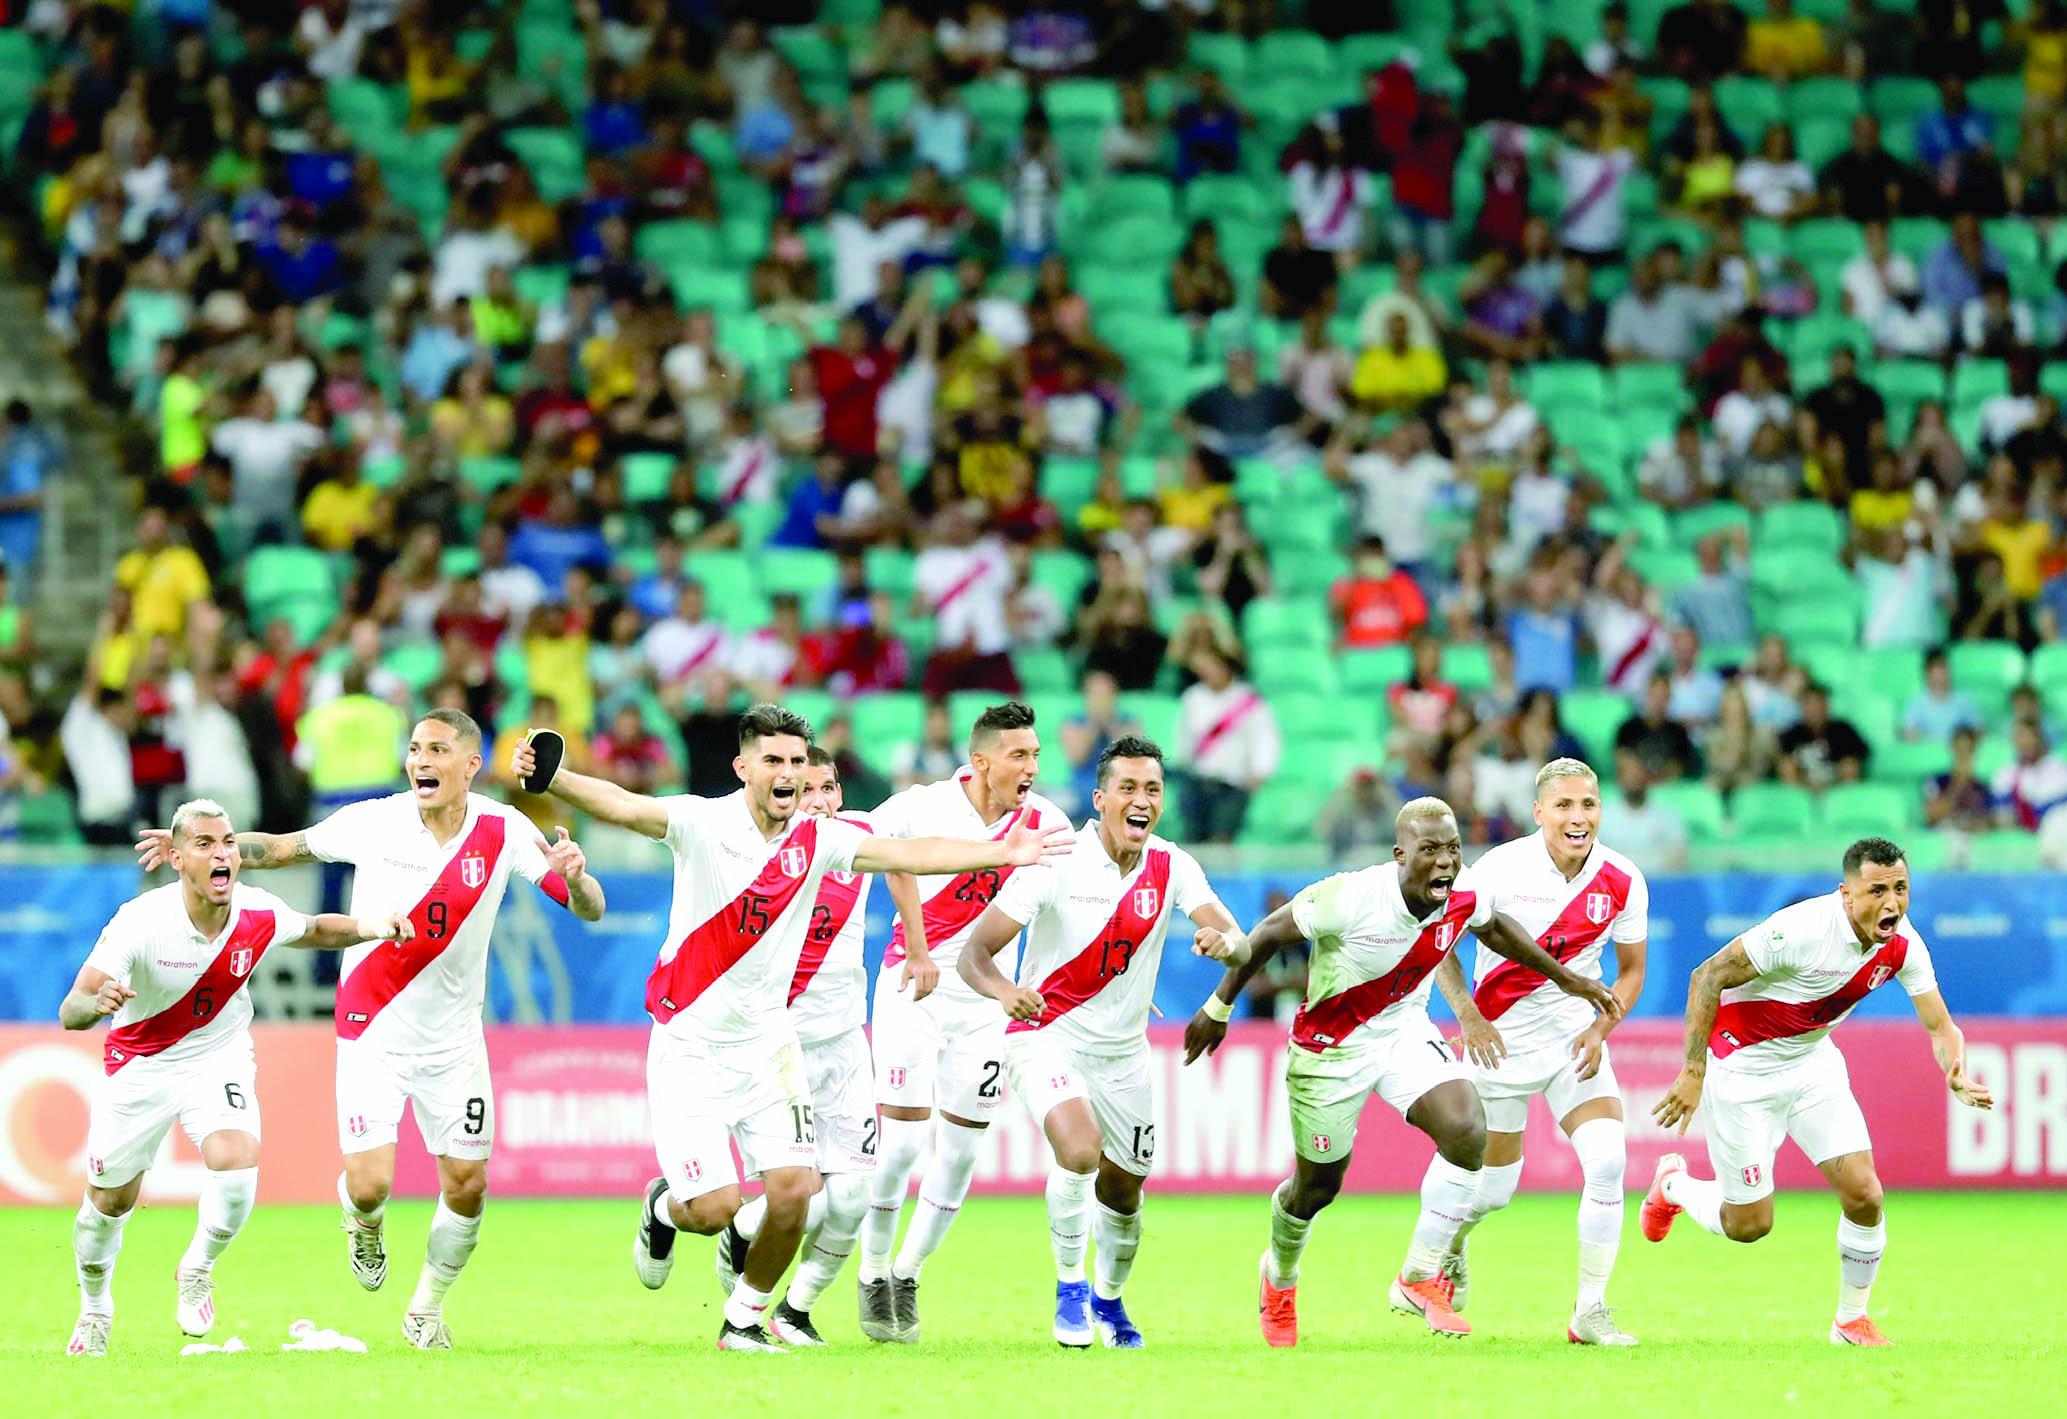 Selección peruana ya conoce el fixture de los 9 países